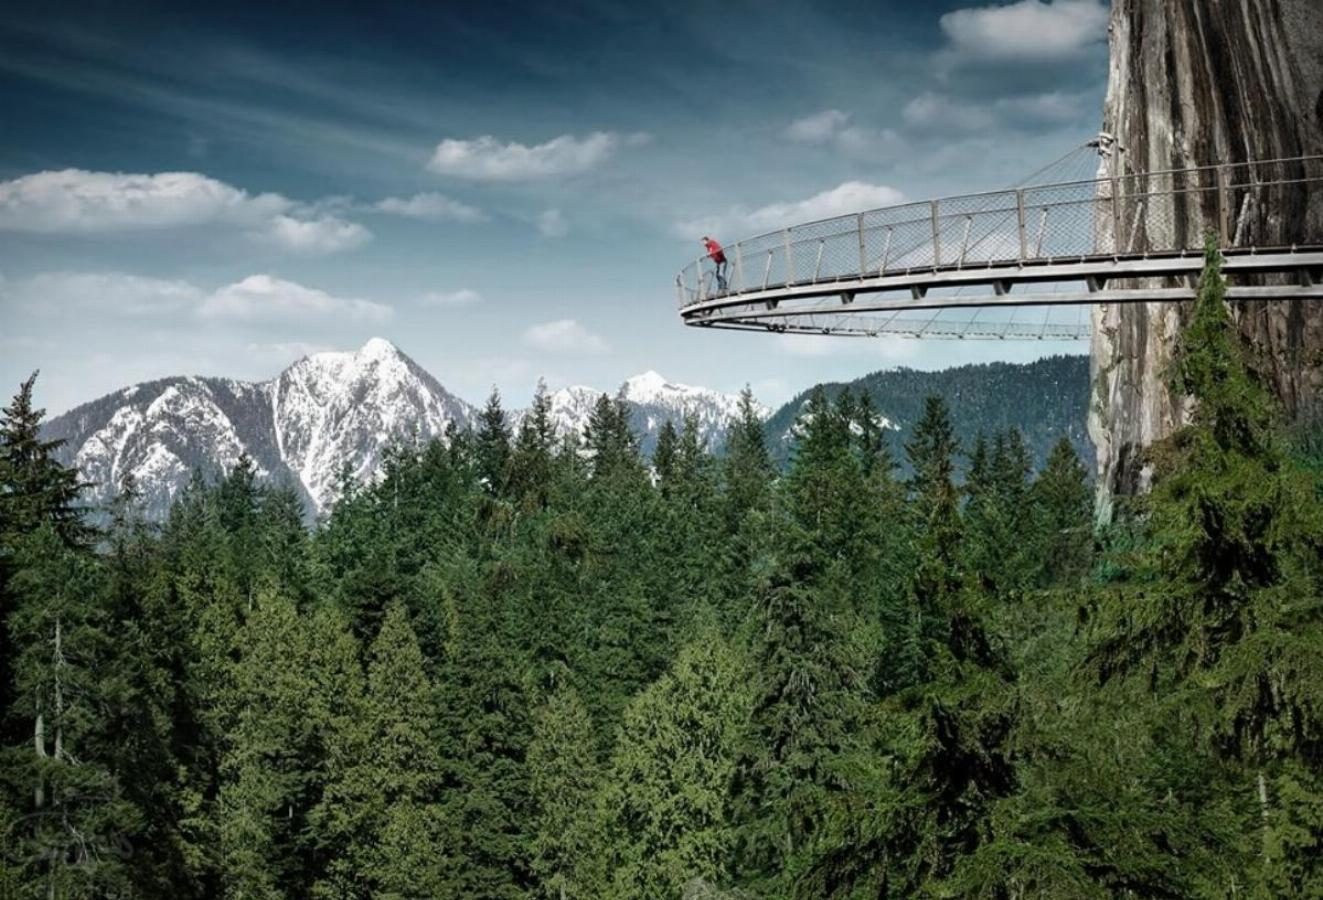 جاذبه های گردشگری کانادا: پارک پل معلق کاپیلانو